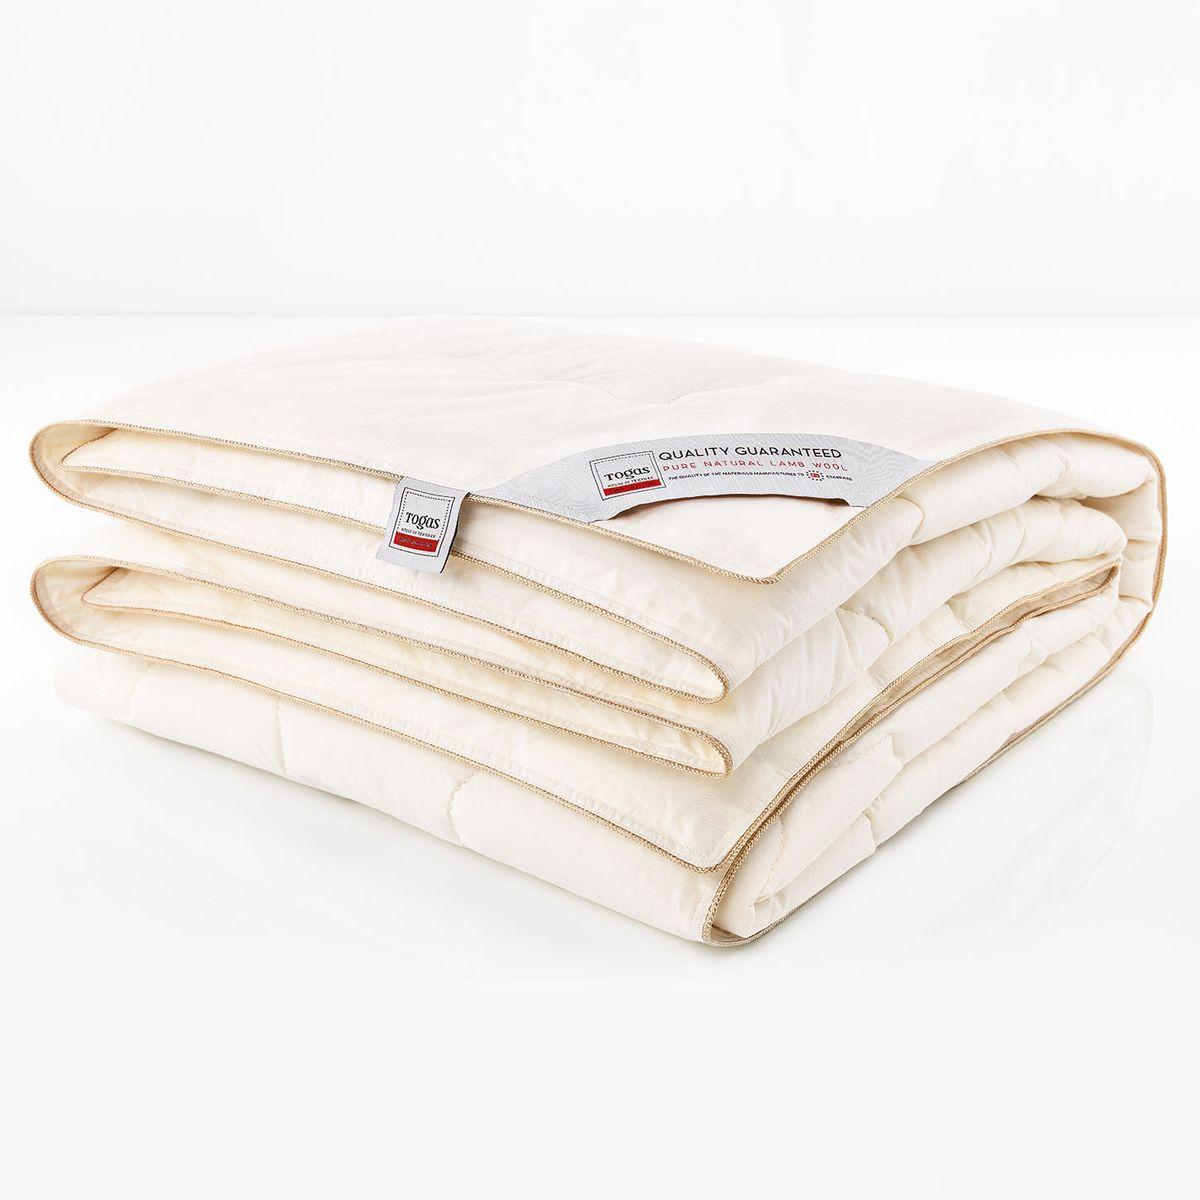 Одеяло Togas Прима, наполнитель: овечья шерсть, 220 х 240 см98299571Одеяло Togas Прима сделает ваш отдых здоровым и комфортным. Чехол одеяла выполнен из сатина. В качестве наполнителя используется натуральная овечья шерсть. Шерсть - уникальный материал, передающий человеку энергию самой природы. Она оказывает благотворное воздействие на организм в целом, снимает чувство тревоги, стимулирует кровообращение, целебно воздействует на кожу и мышечные ткани. Овечья шерсть содержит природное вещество - ланолин. Поэтому одеяла из натуральной шерсти рекомендуют людям, страдающим радикулитом, остеохондрозом и повышенным кровяным давлением. Шерсть способна создавать сухое тепло, которое оказывает благотворное воздействие на суставы. Между шерстяными волокнами постоянно циркулирует воздух, который помогает выводить лишнее тепло и влагу, создавая идеальный микроклимат во время сна. Шерсть также обладает легкостью, гигроскопичностью, мягкостью и обладает терморегулирующими свойствами: удерживает прохладу летом и тепло зимой. Одеяло очень износостойко, неприхотливо и просто в уходе, оно прослужат вам долгие годы, не потеряв своей формы и удивительных свойств. Изделие имеет антибактериальную обработку.Плотность наполнителя: 250 г/м2.